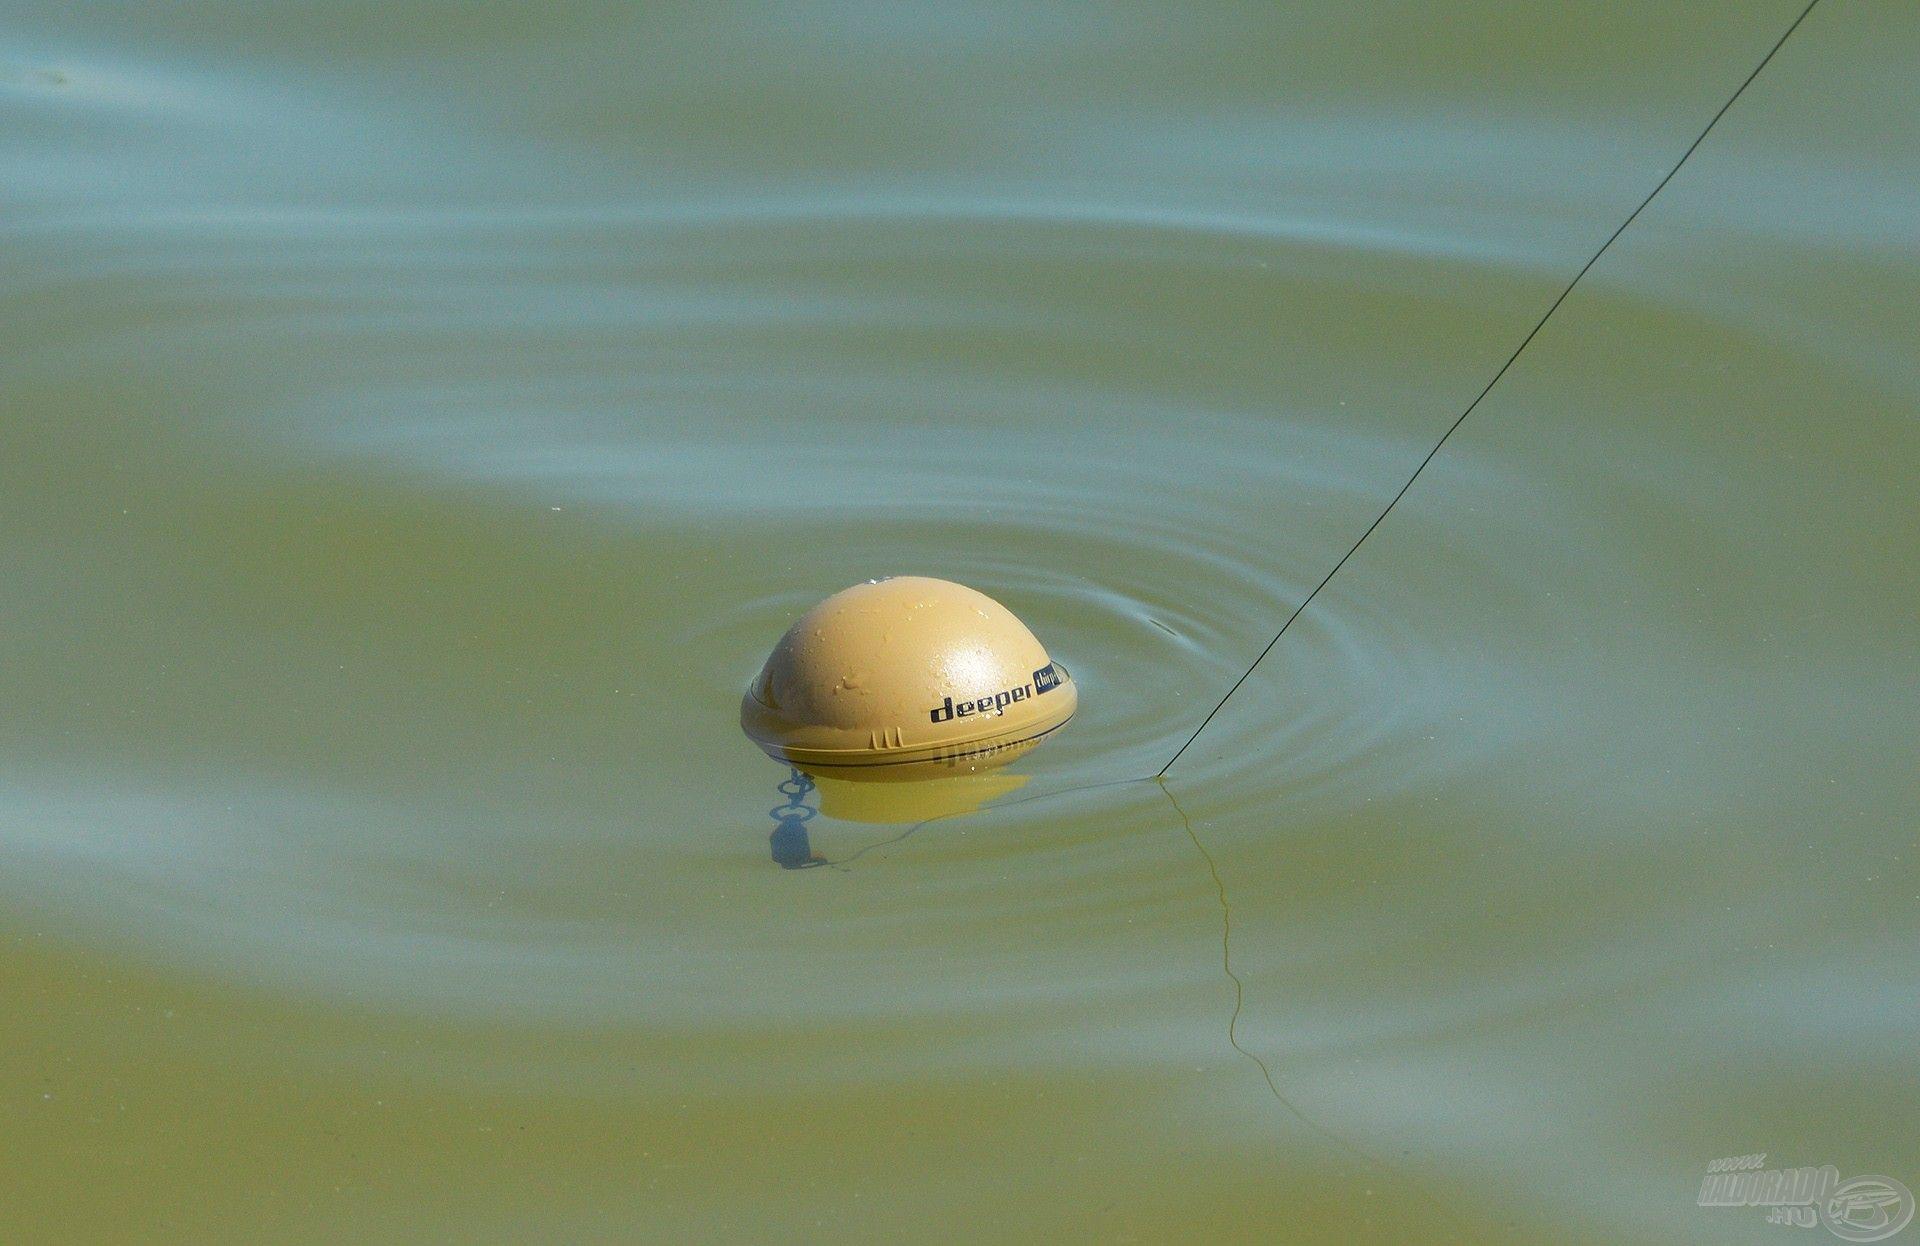 … amint vízbe kerül a szenzor, elkezdi a WiFi-jelek kibocsájtását